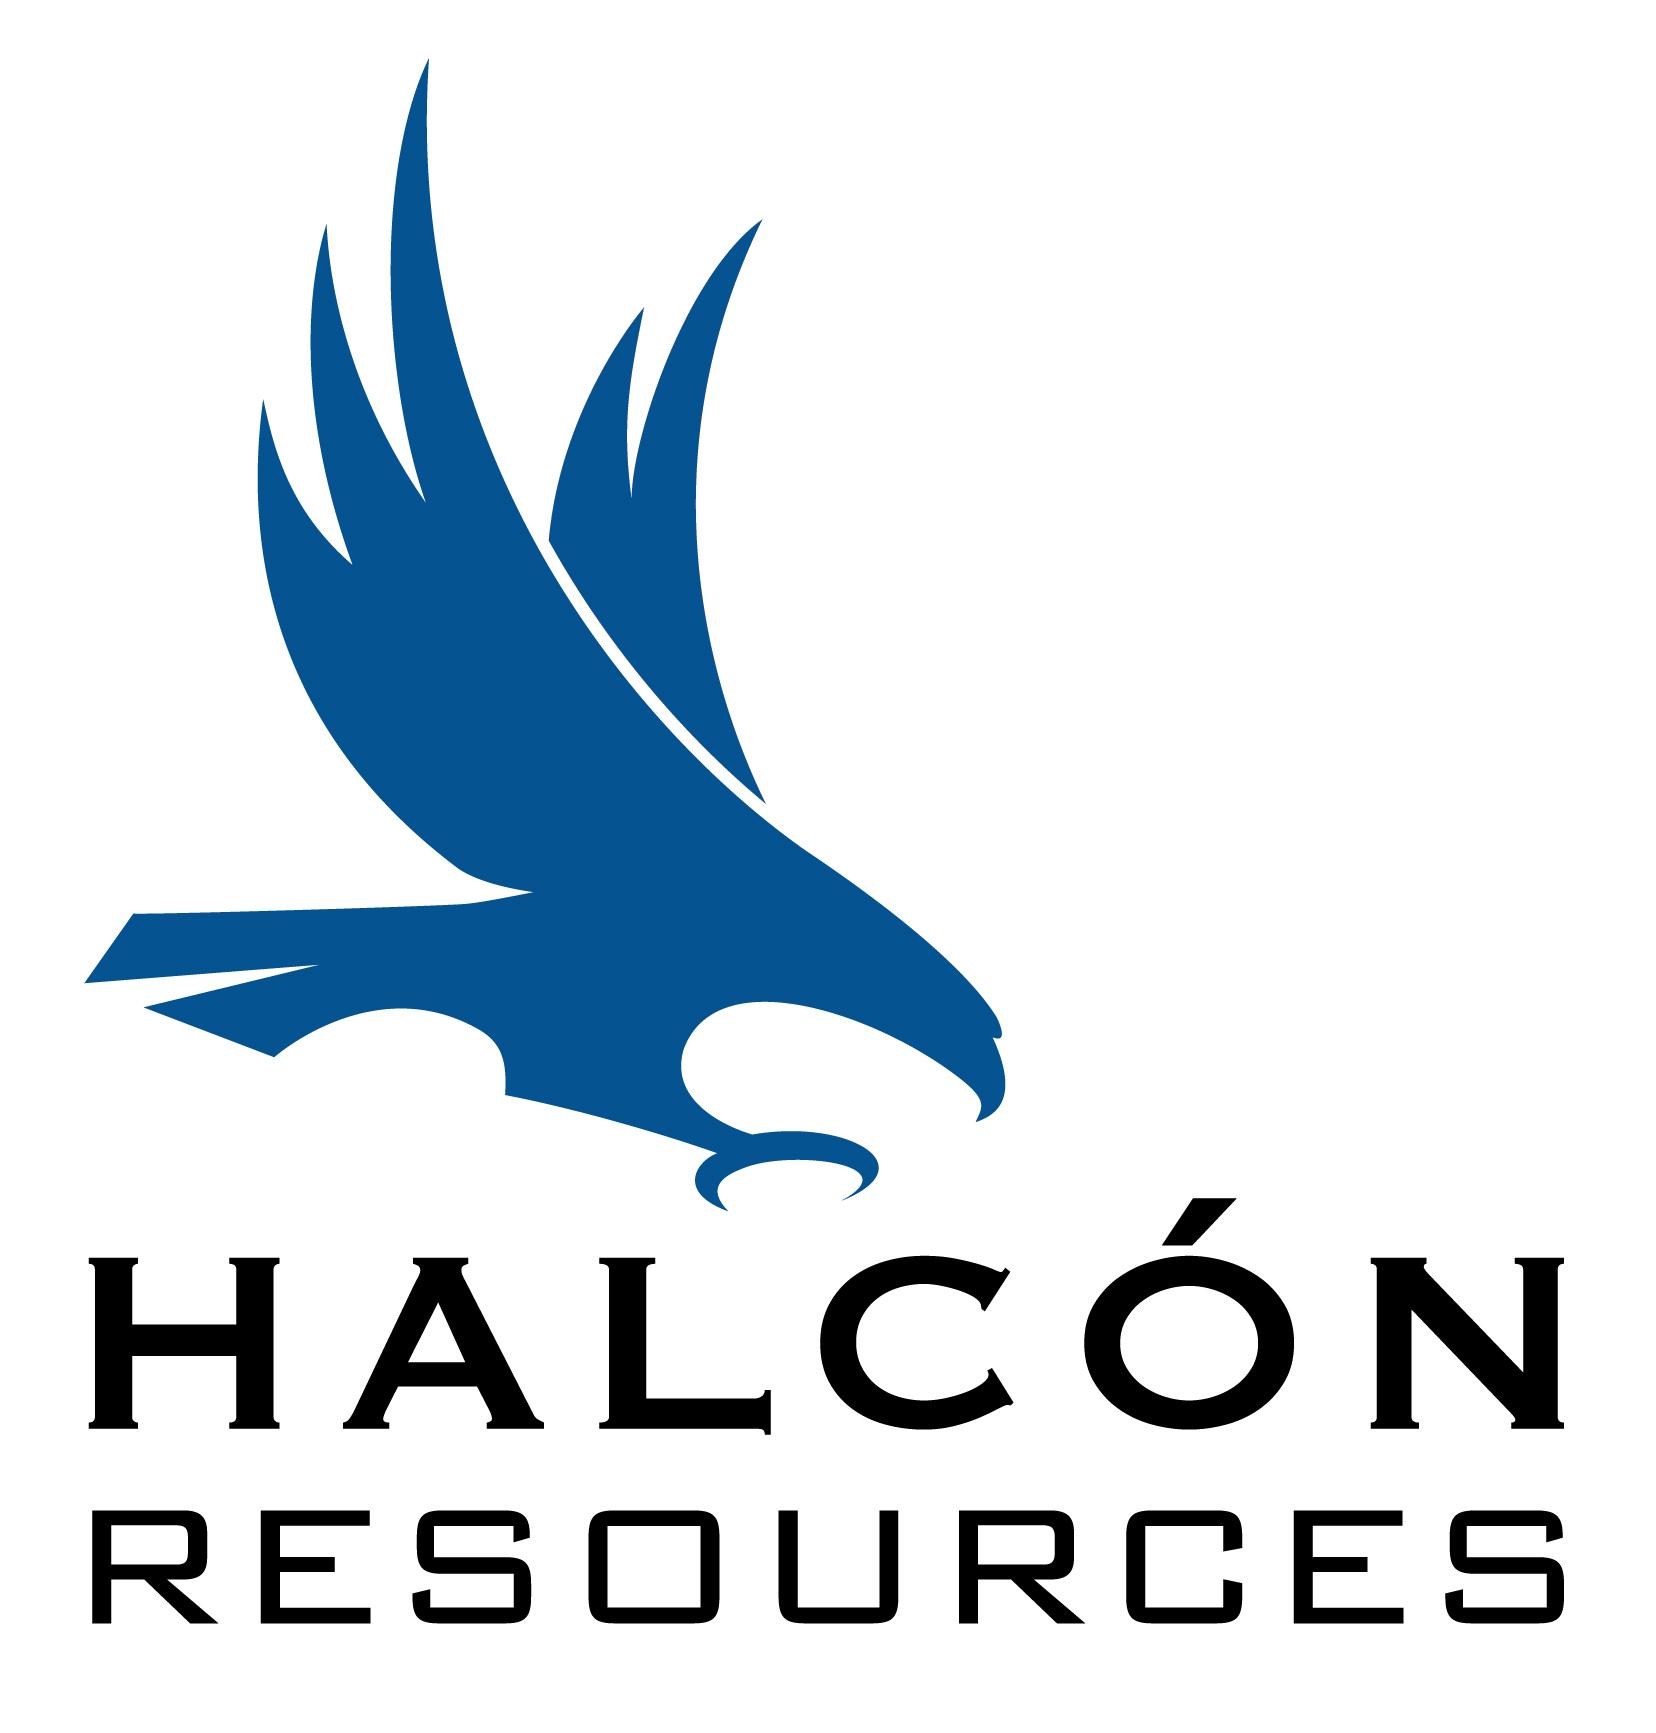 Halcón Resources Announces Leadership Changes